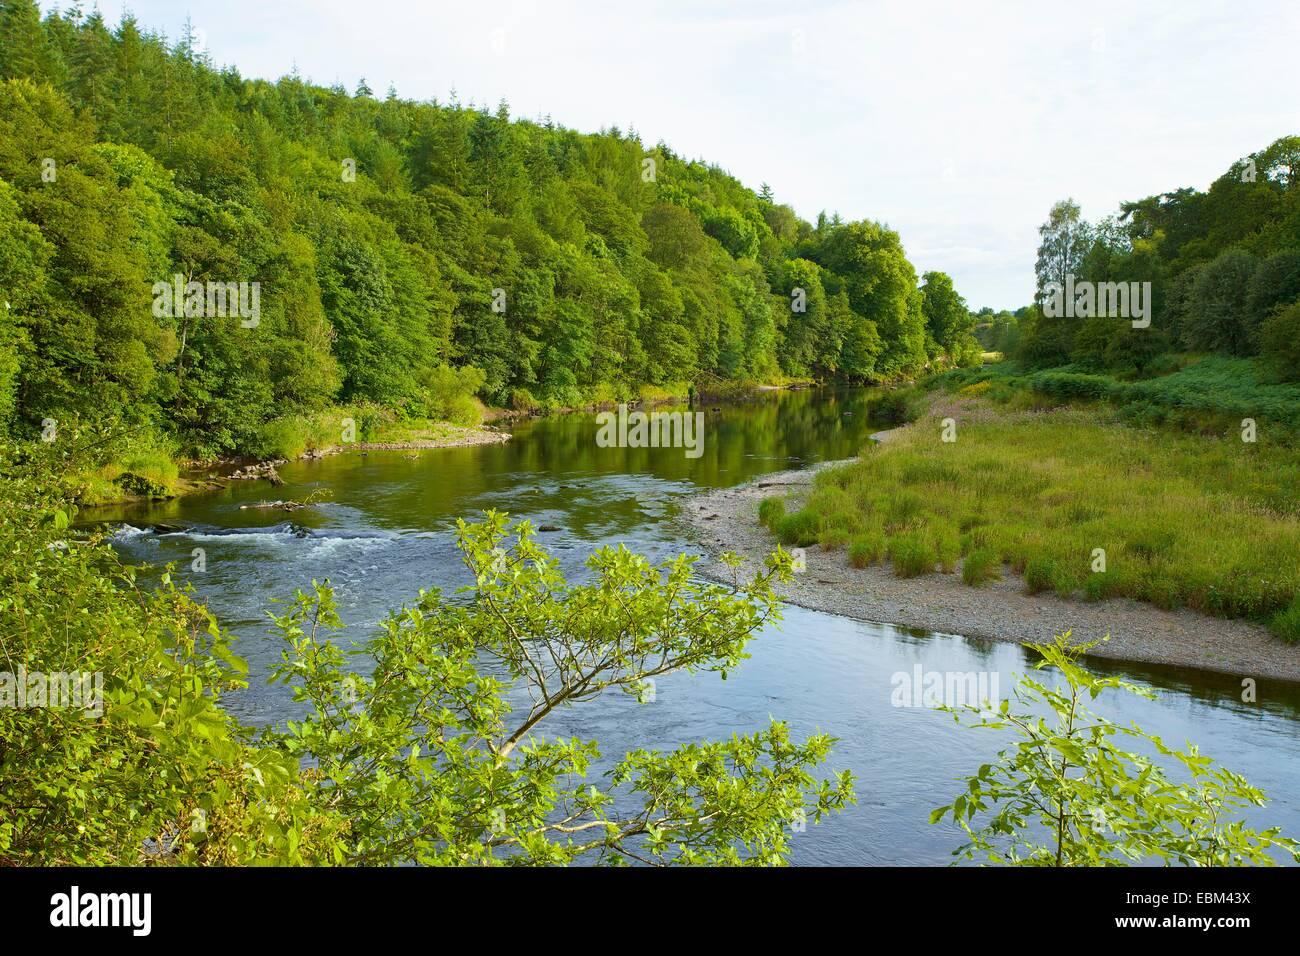 River Eden. Eden Lacy, Eden Valley, Cumbria, England, UK. - Stock Image